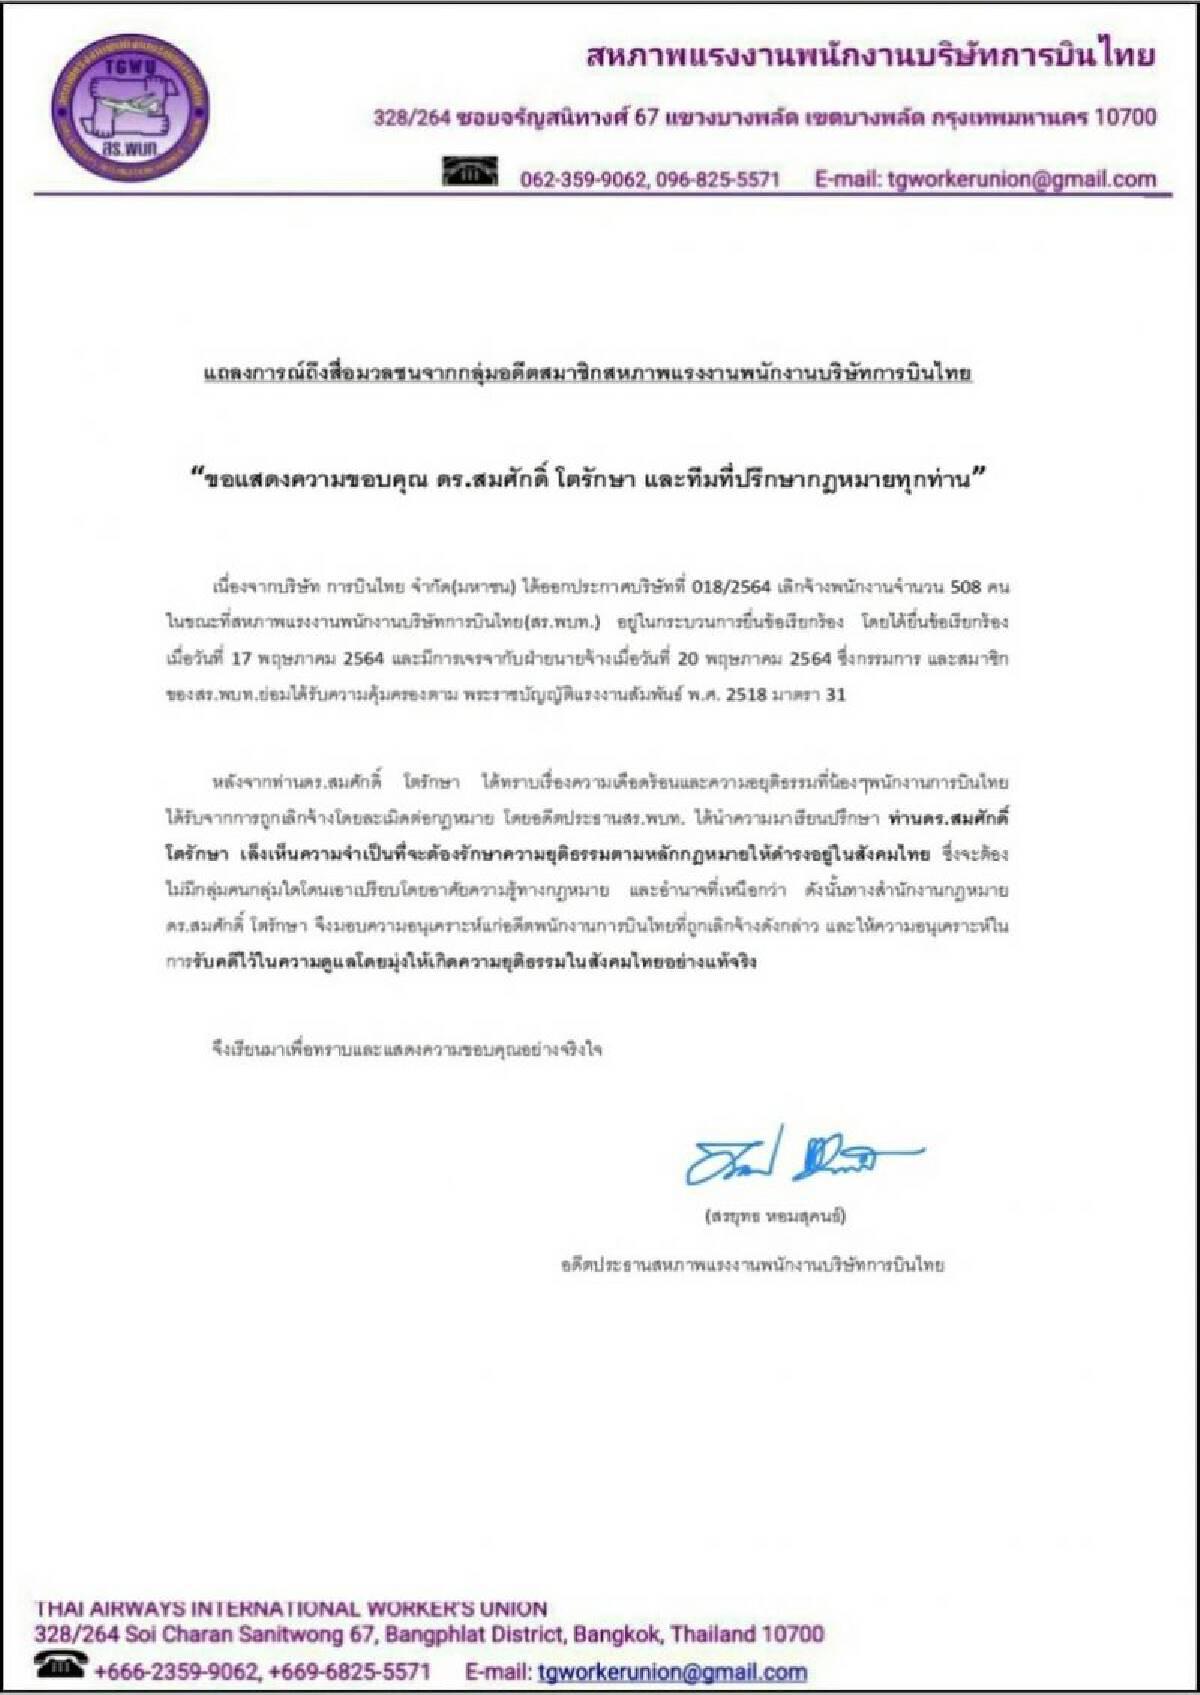 """อดีตพนักงาน """"การบินไทย"""" 508คน จ่อฟ้อง เลิกจ้างไม่เป็นธรรม"""